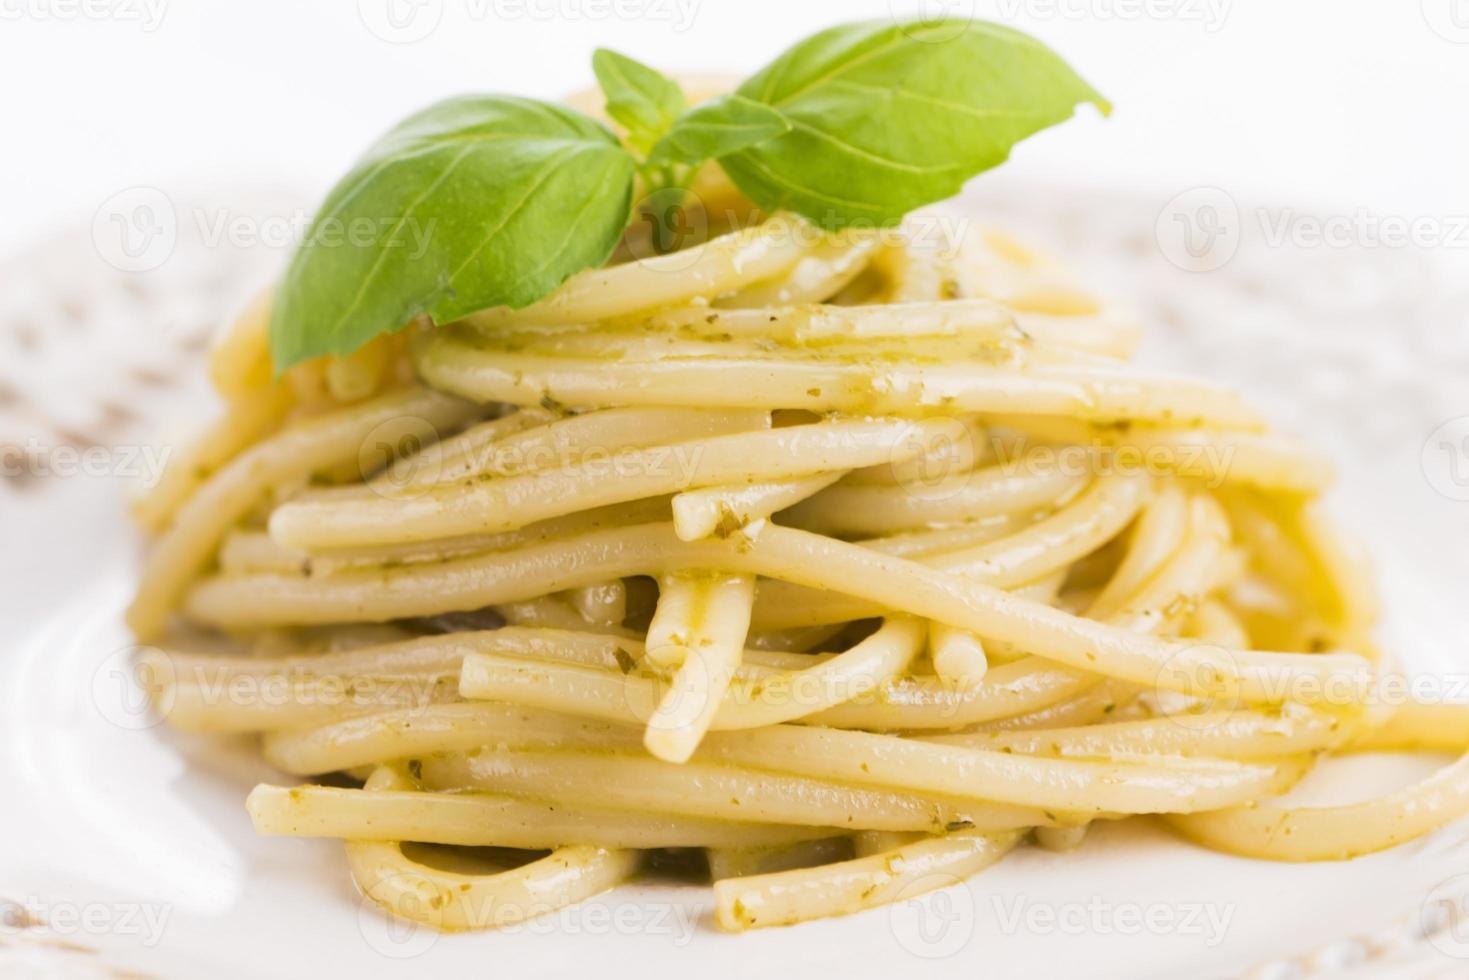 Italian pasta spaghetti with pesto sauce and basil leaf photo